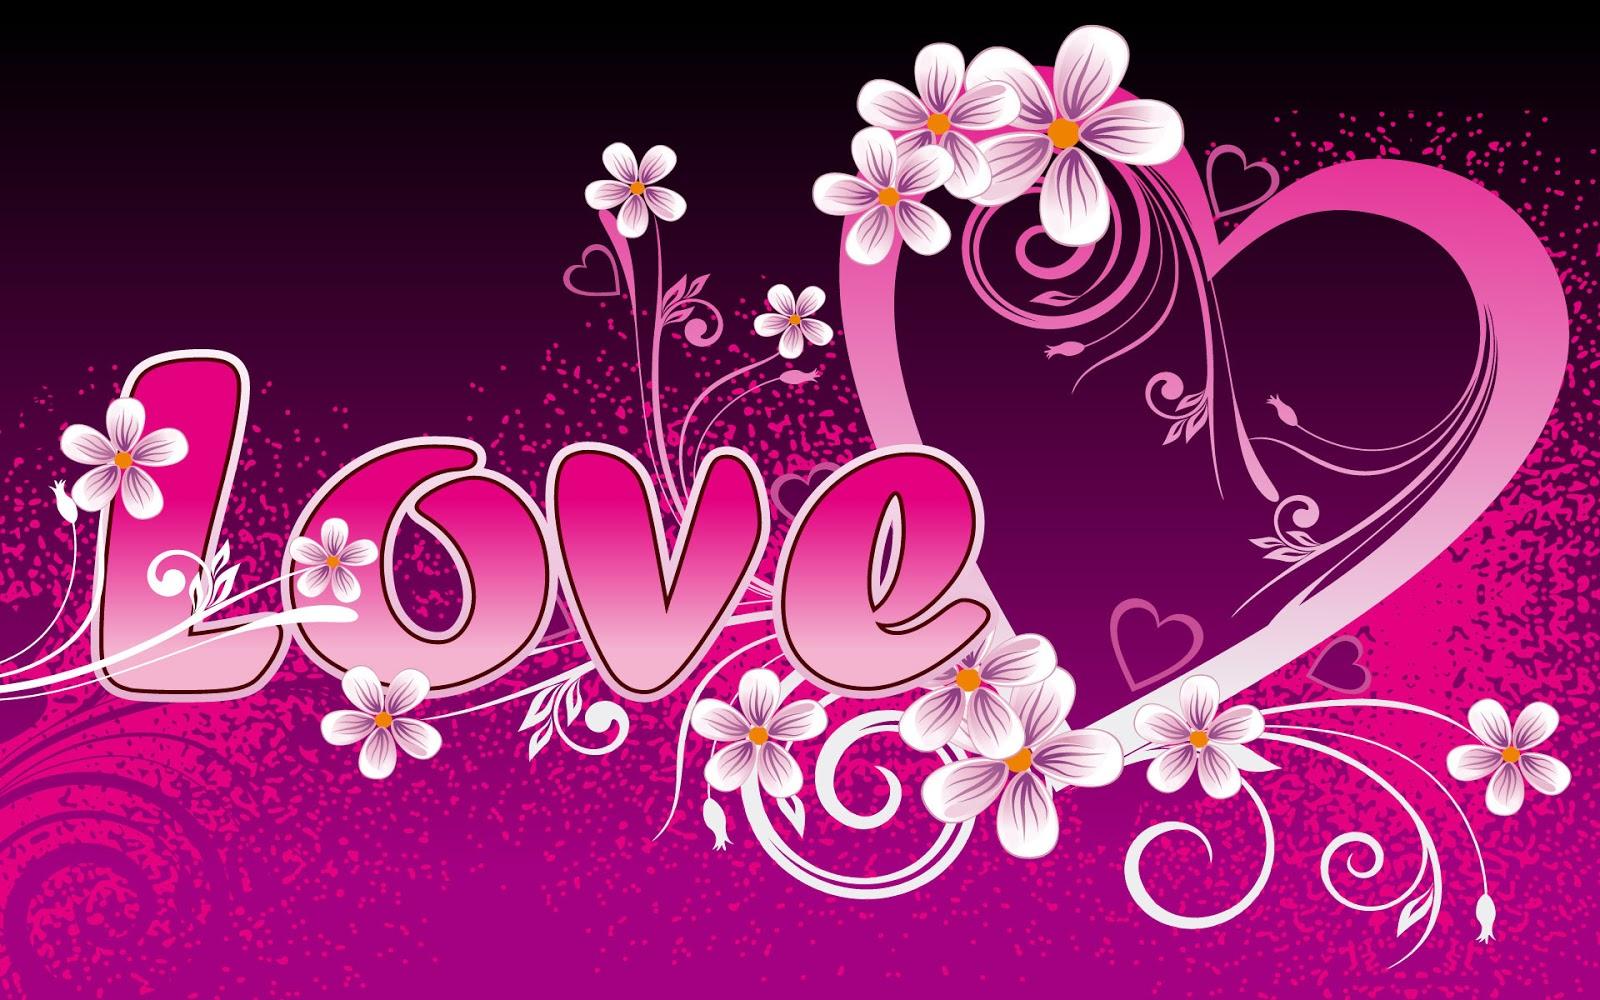 Gambar Love Yang Lucu Lucu Dan Keren Anas TKJ